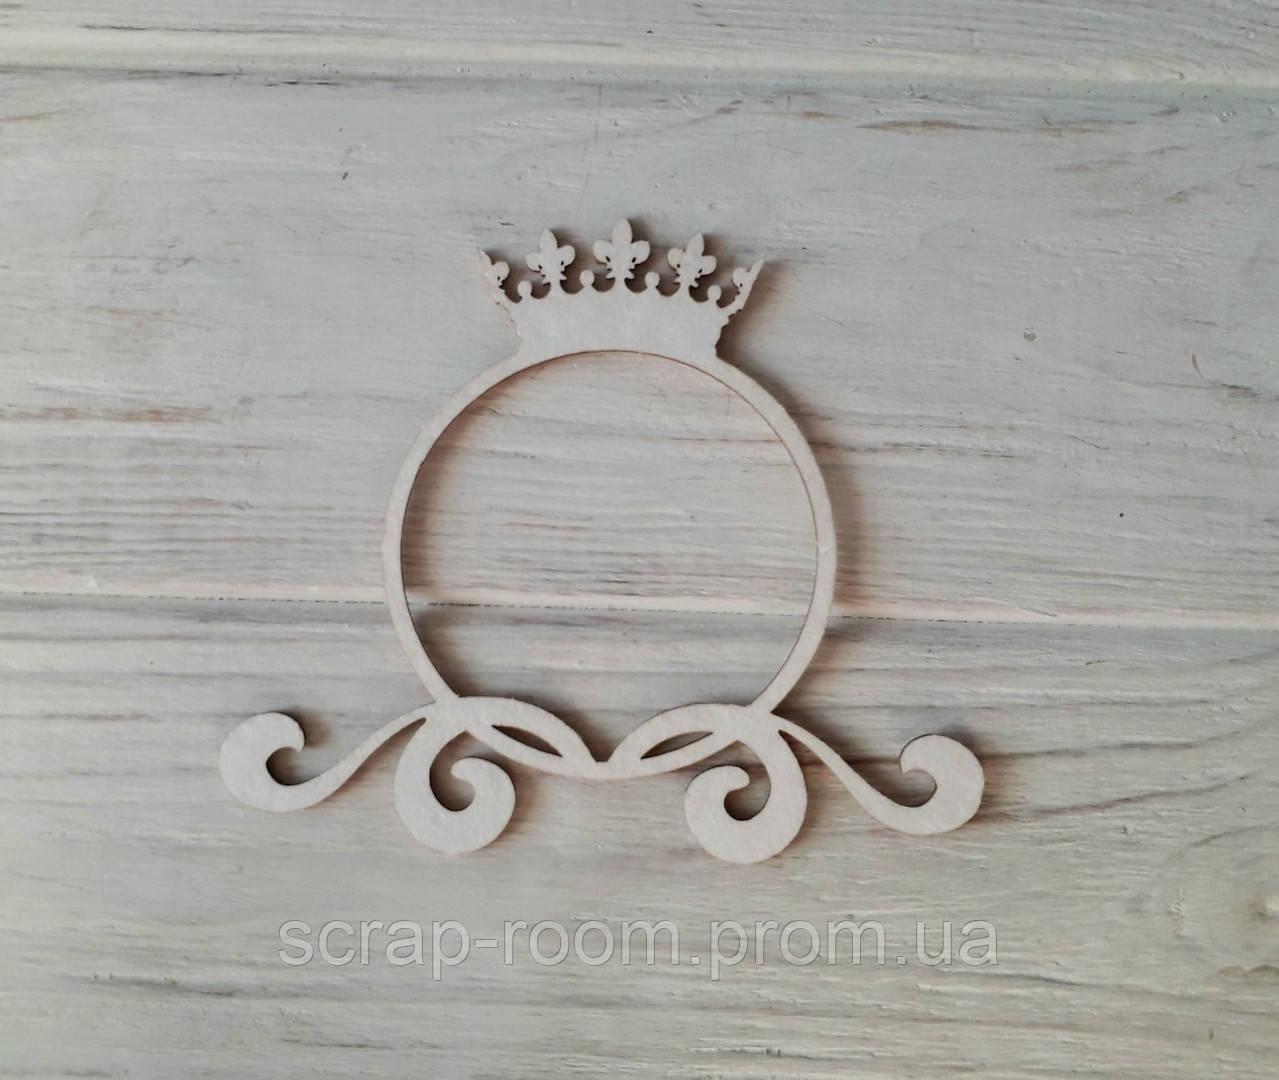 Чипборд рамка круглая с короной, чипбод рамка,рамочка принцесса,рамка, рамка чипборд 105*91 мм